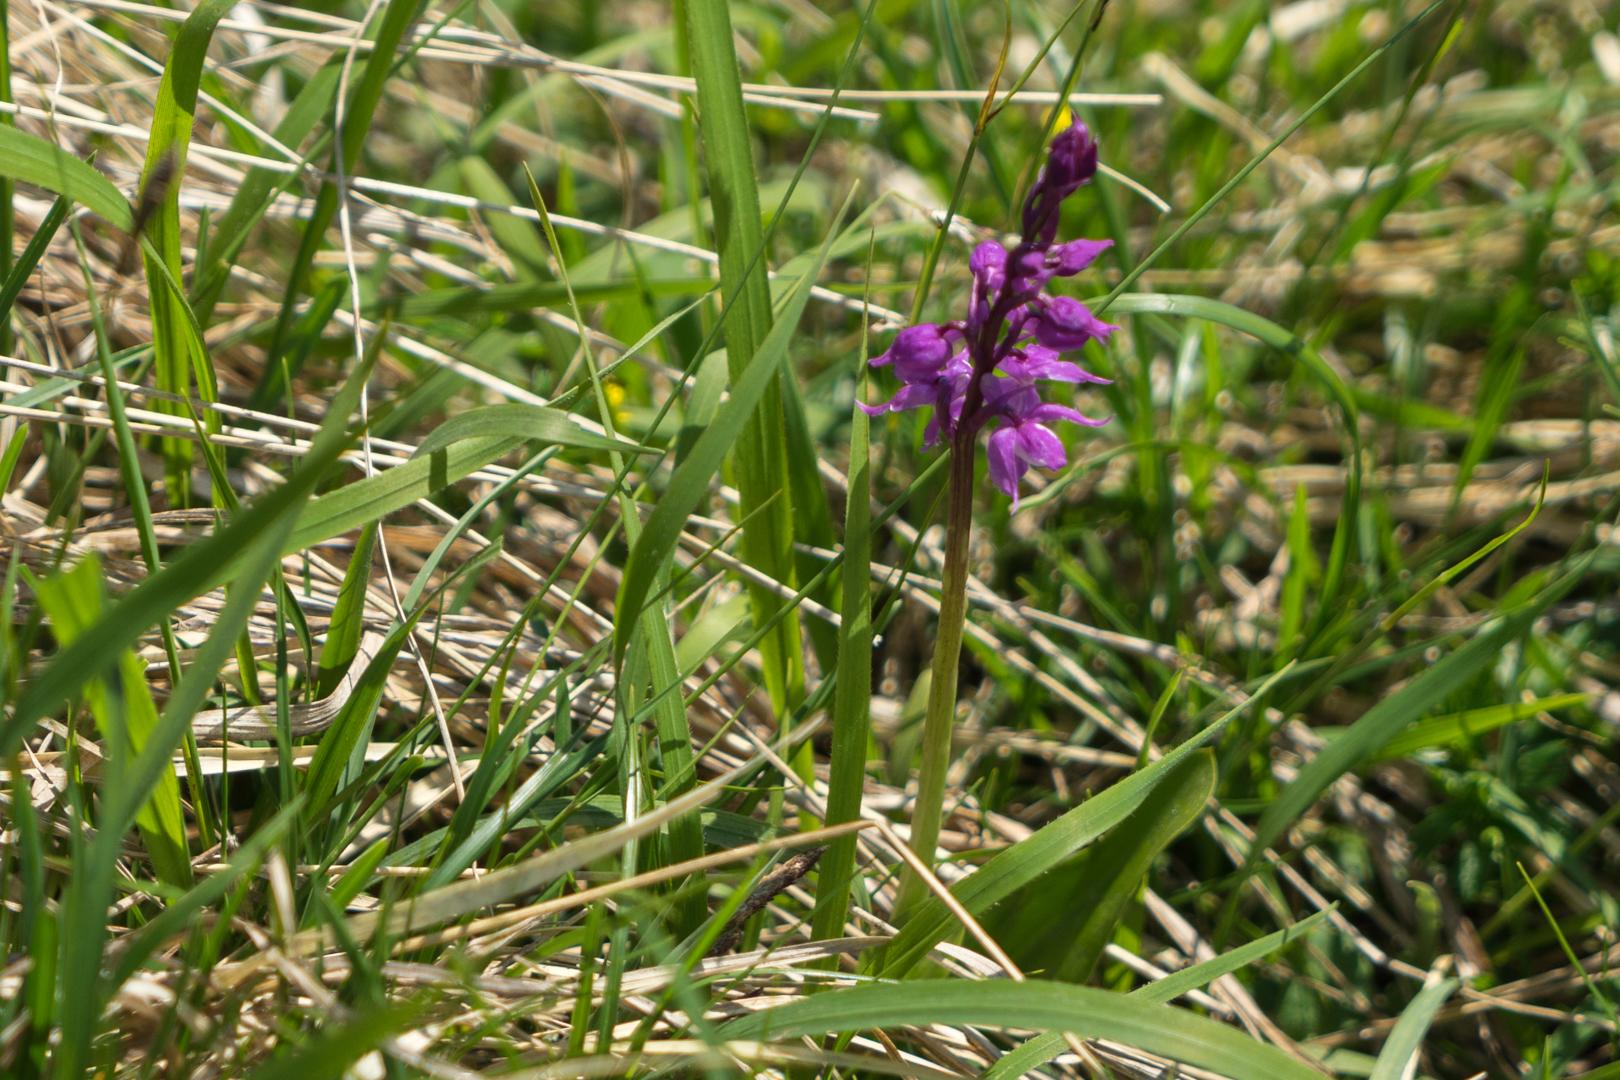 Mücken Händelwurz (Orchidee)